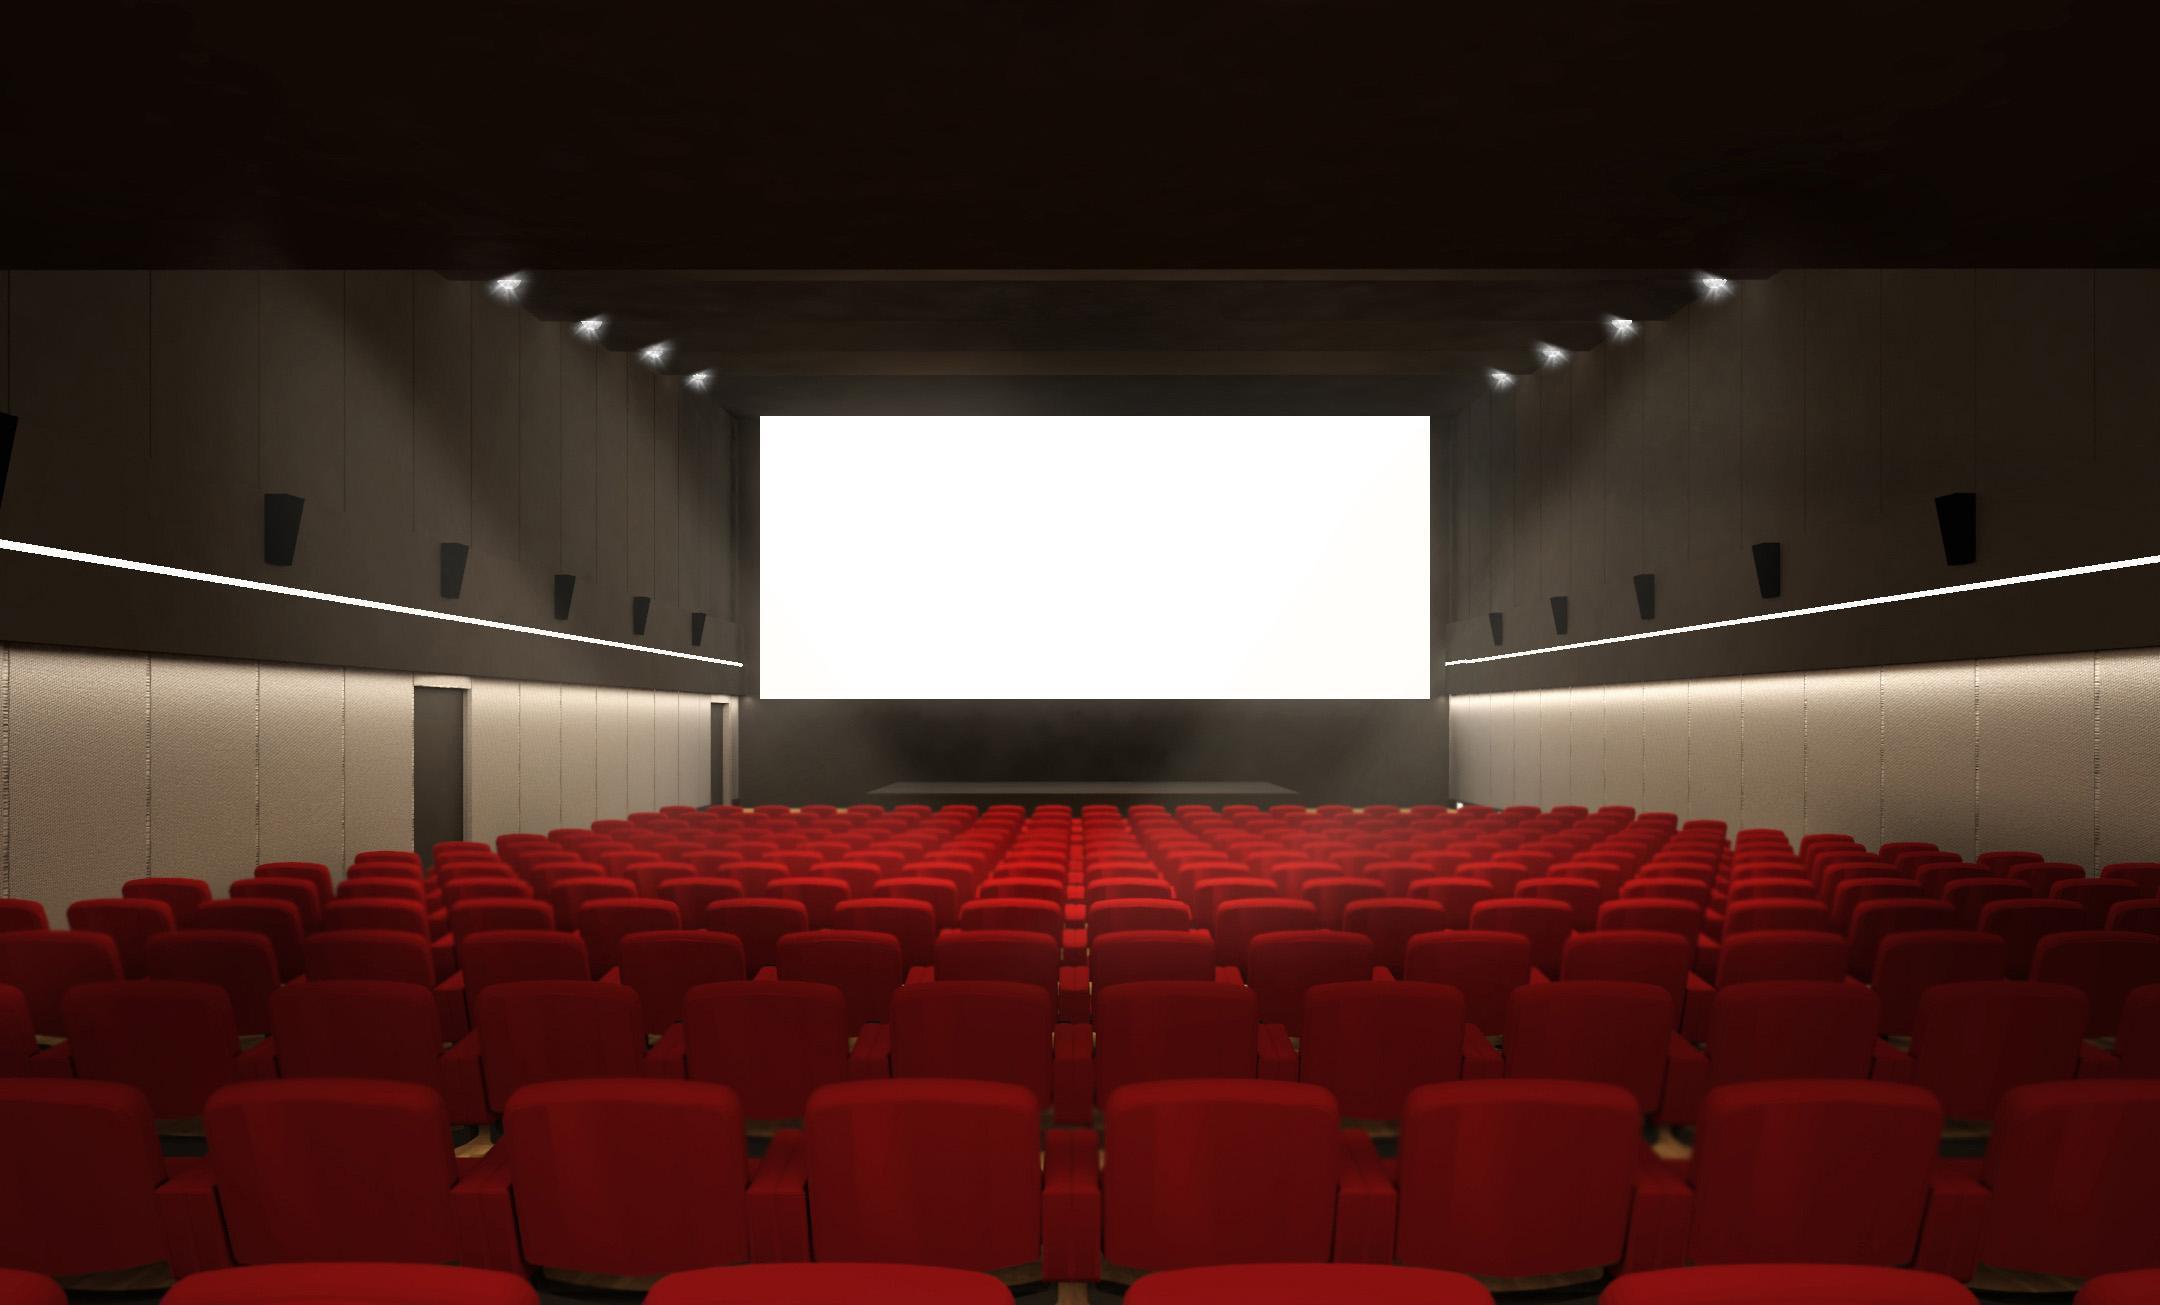 Cinema biglietto dinamico